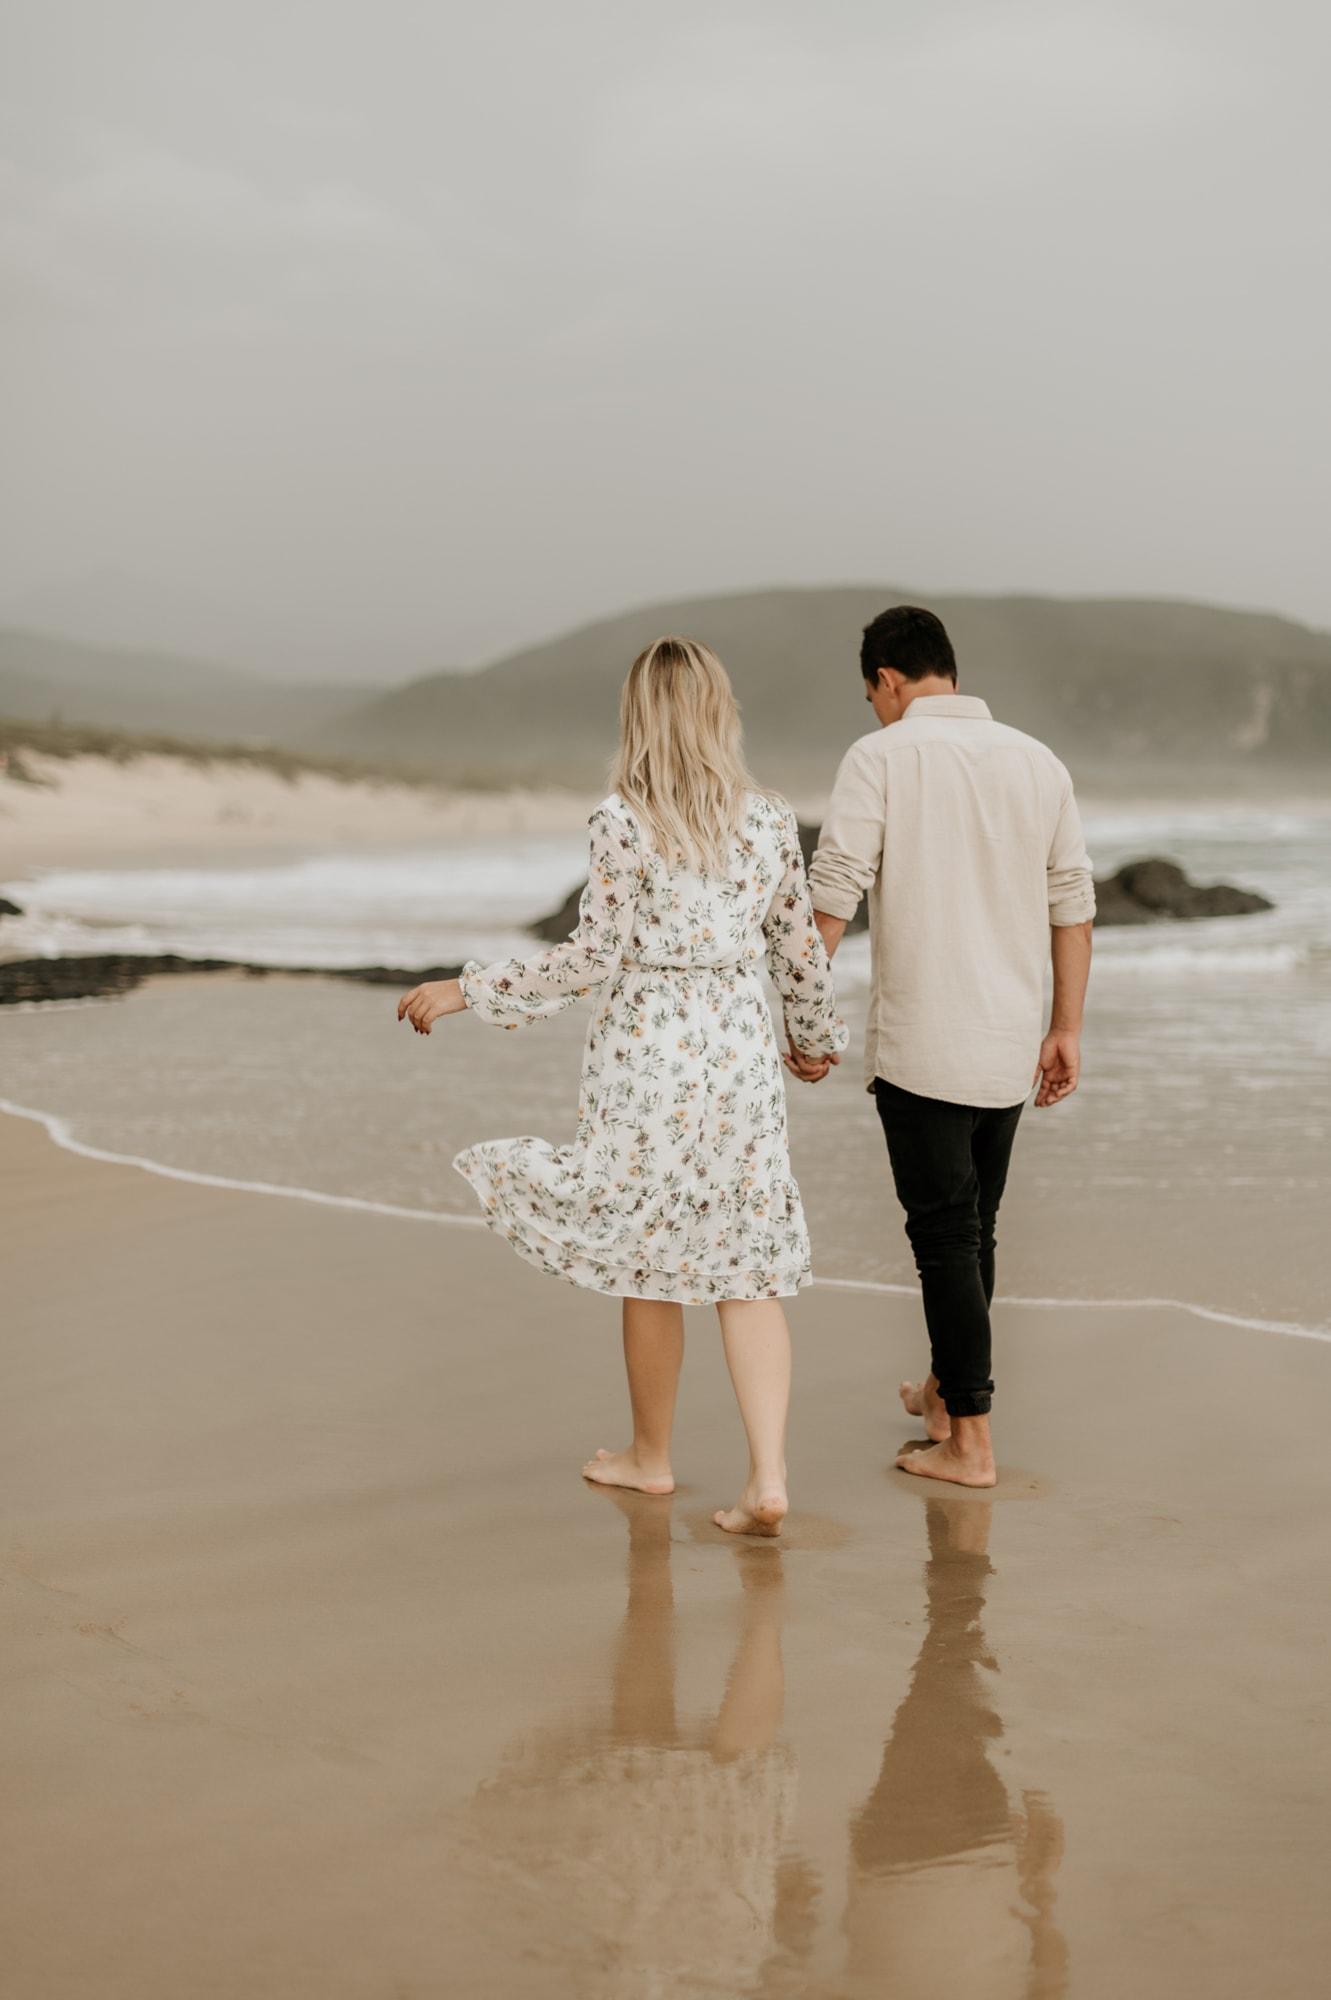 M+J-Couple-Session-June-Richards-Photography-Destination-Weddings-Elopements-Garden-Route-29